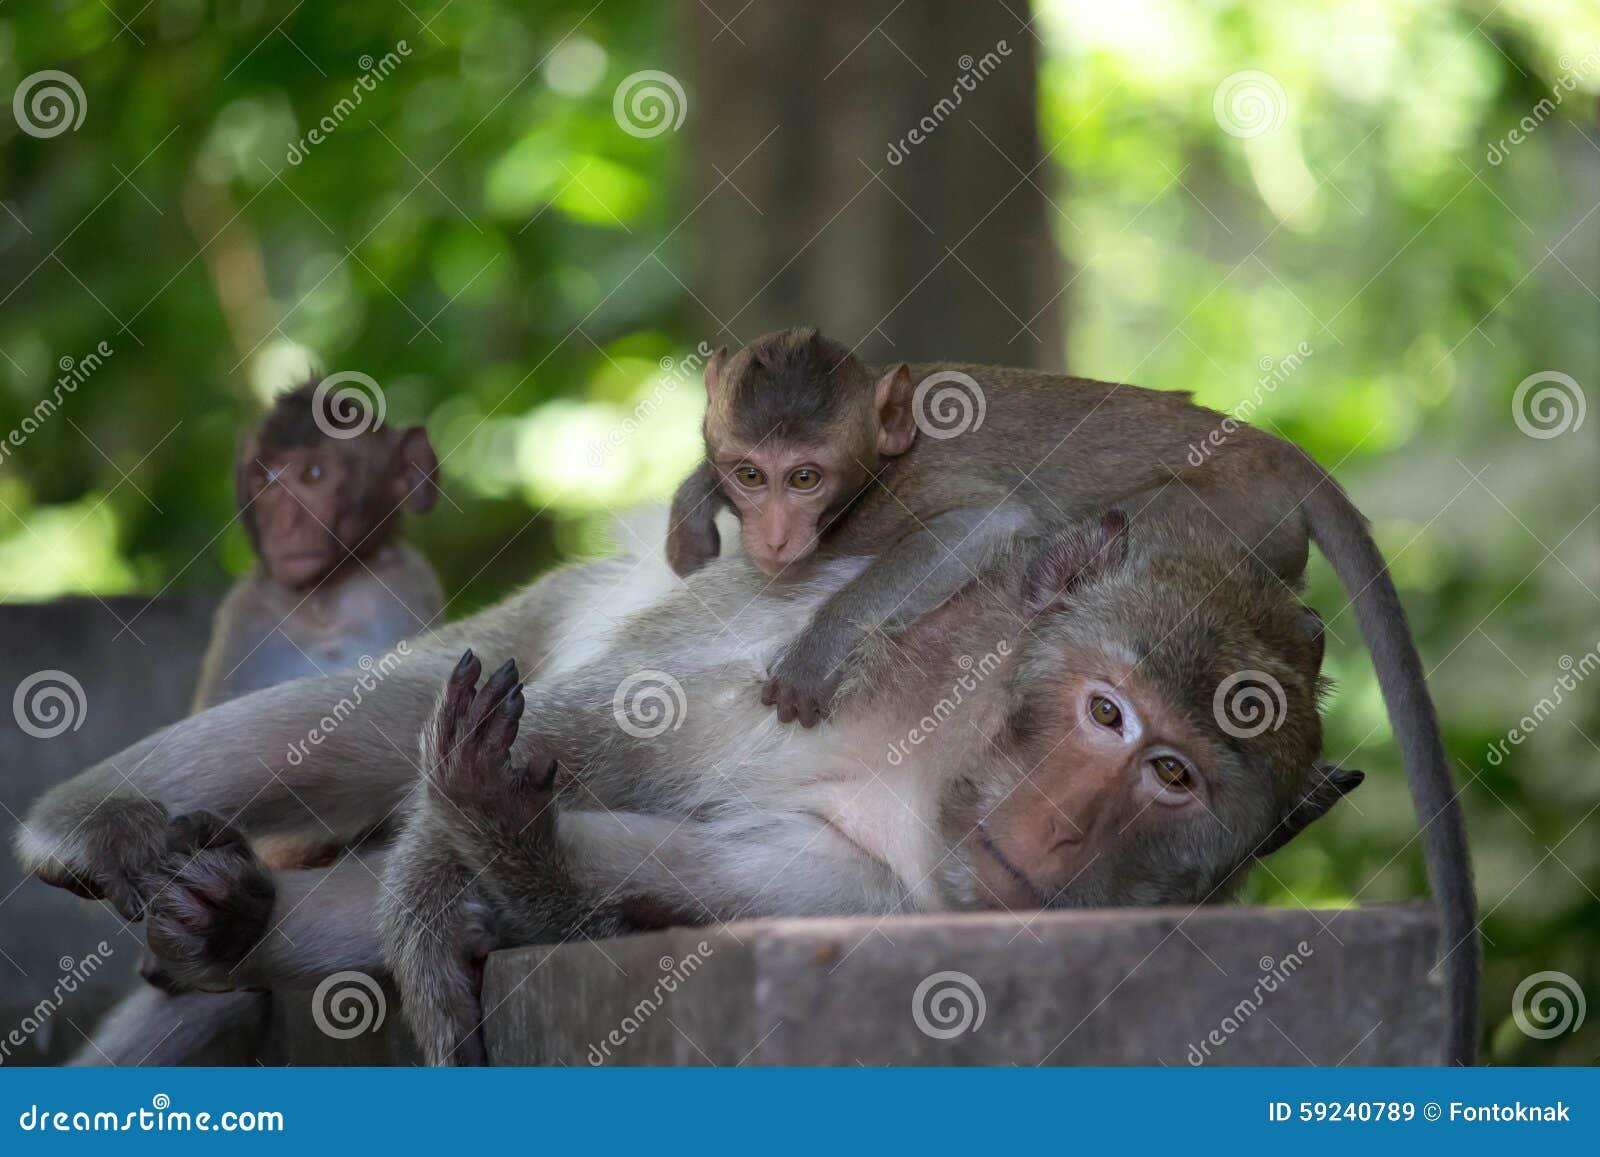 Download Los monos miman y niño imagen de archivo. Imagen de niño - 59240789